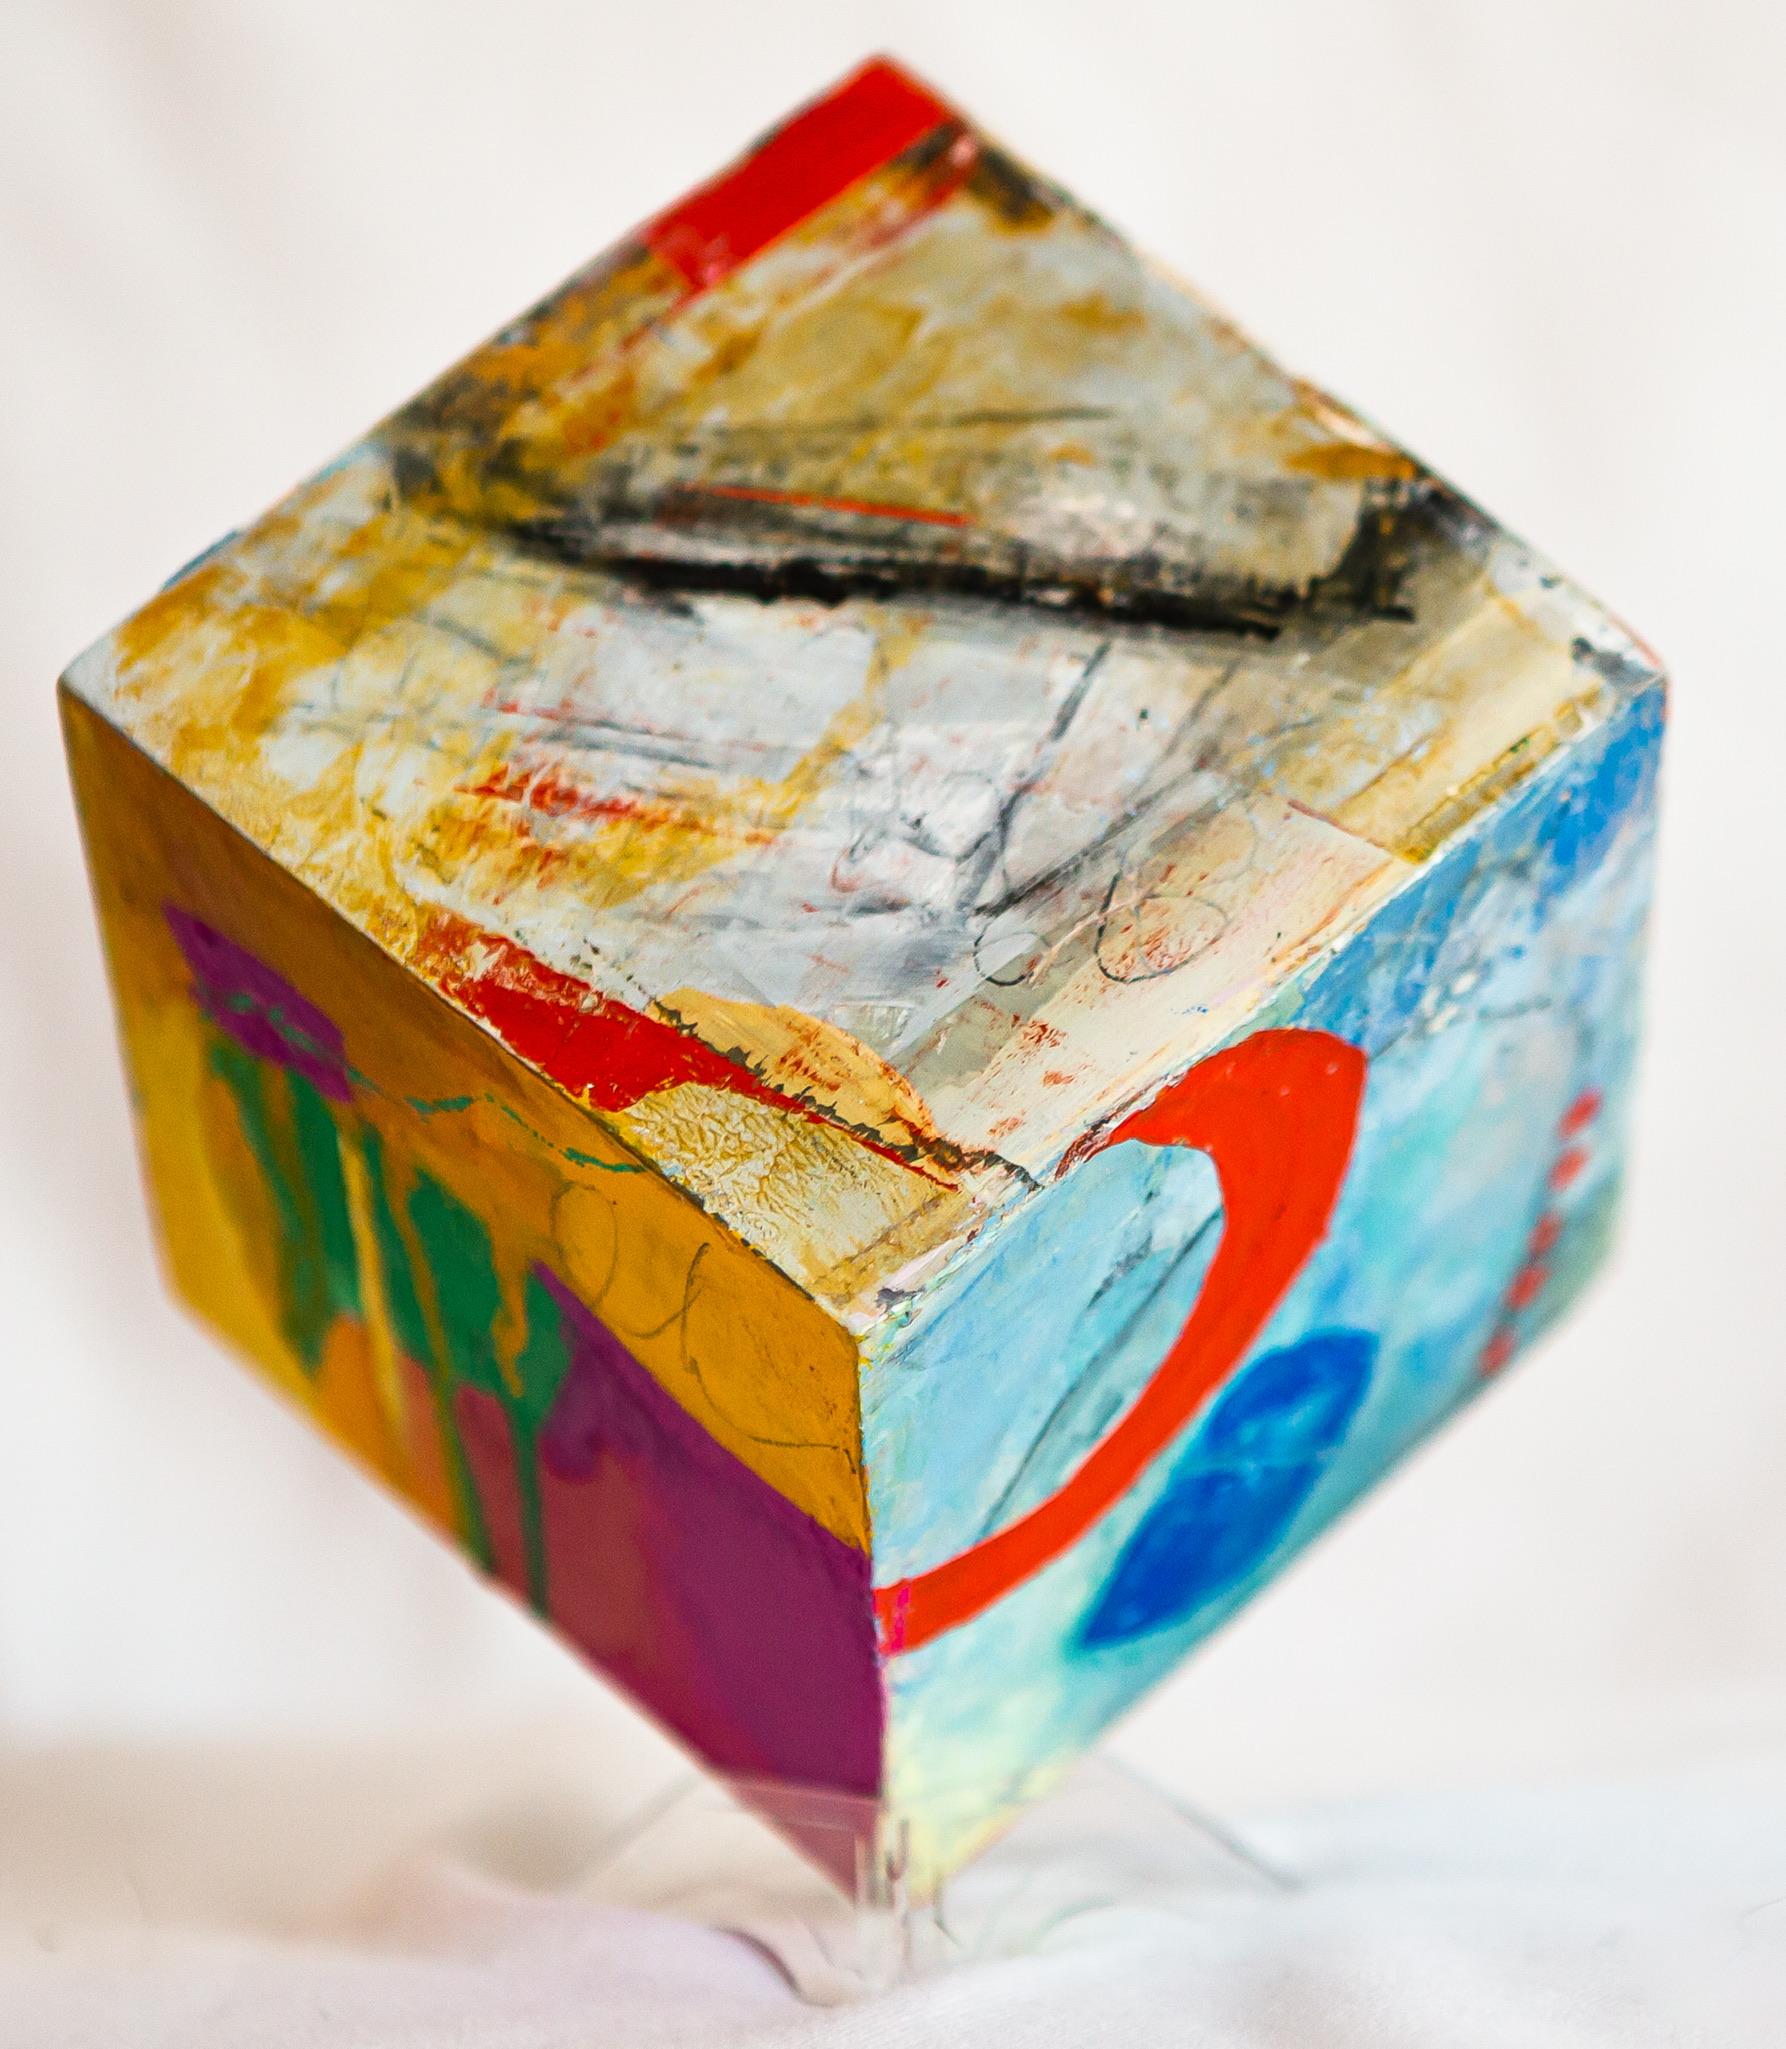 Art Cubes